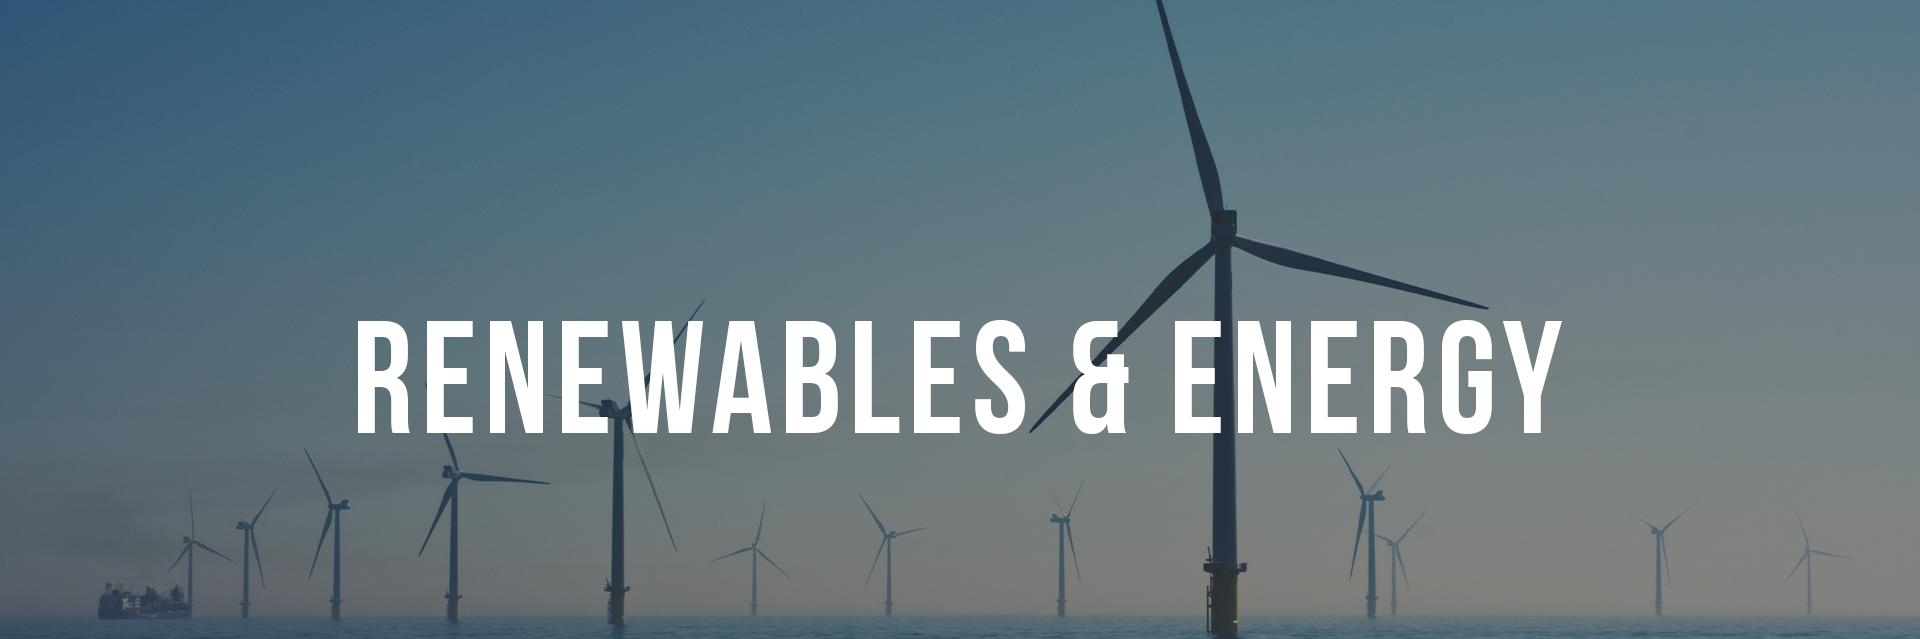 Renewables & Energy